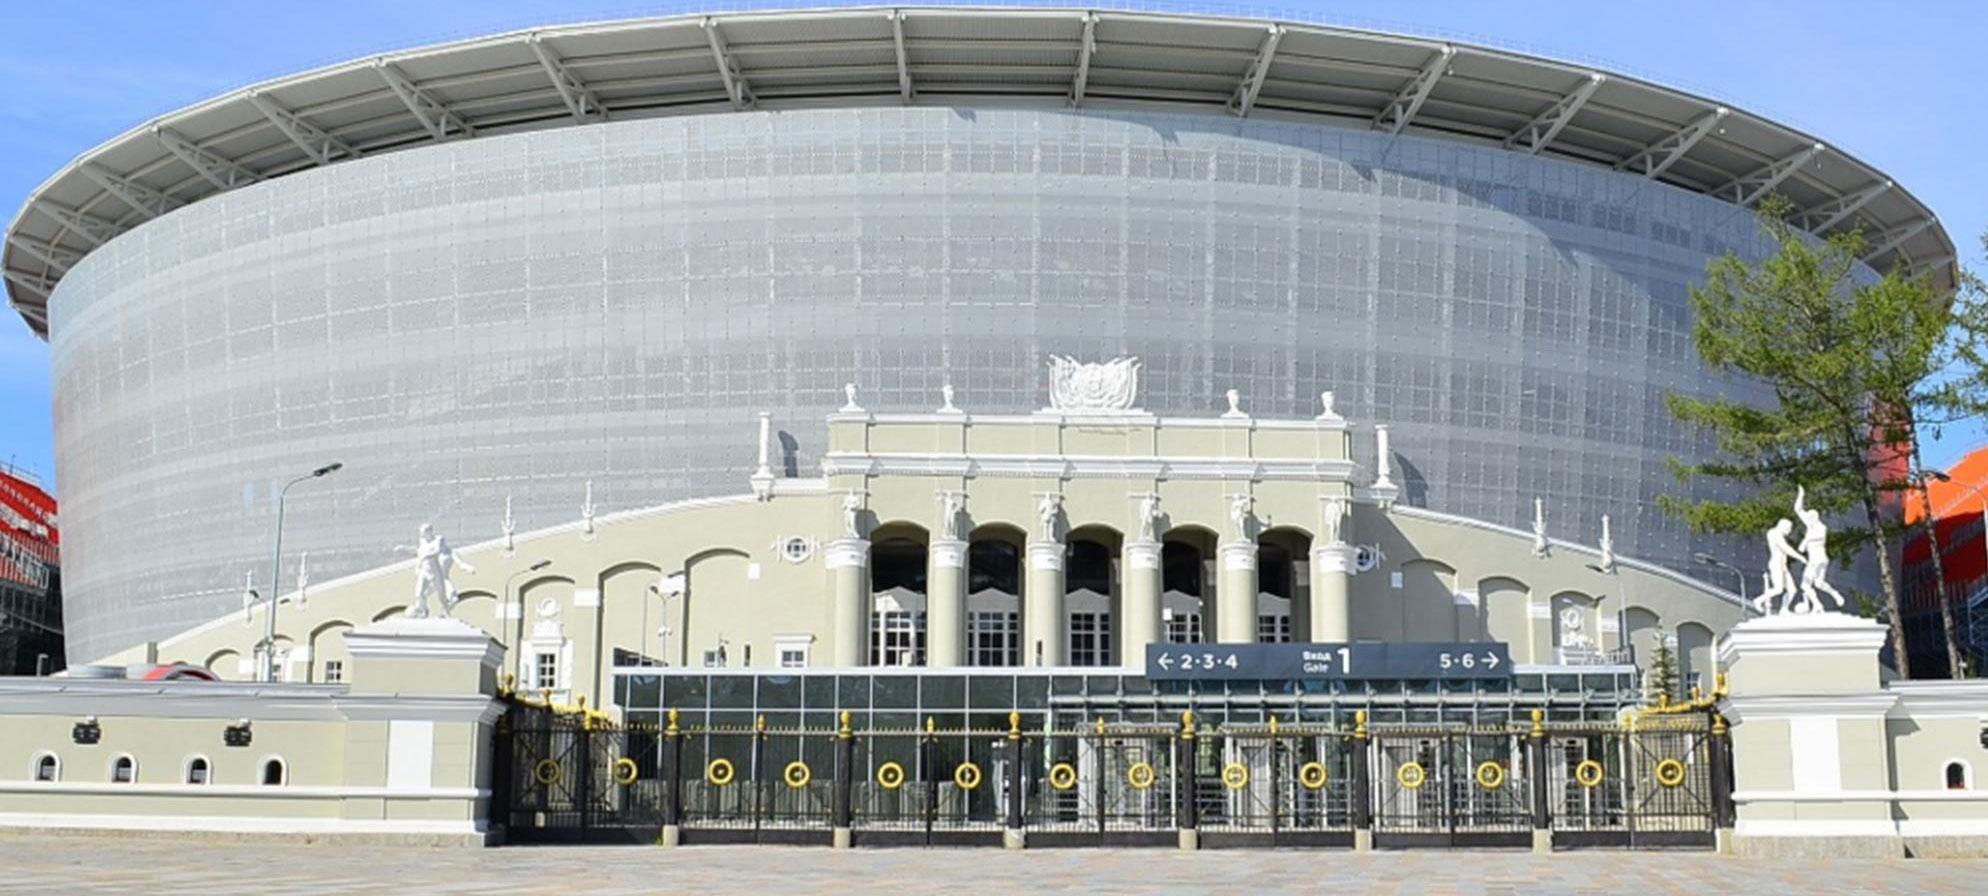 Главной площадкой празднования 300-летия Екатеринбурга станет Центральный стадион